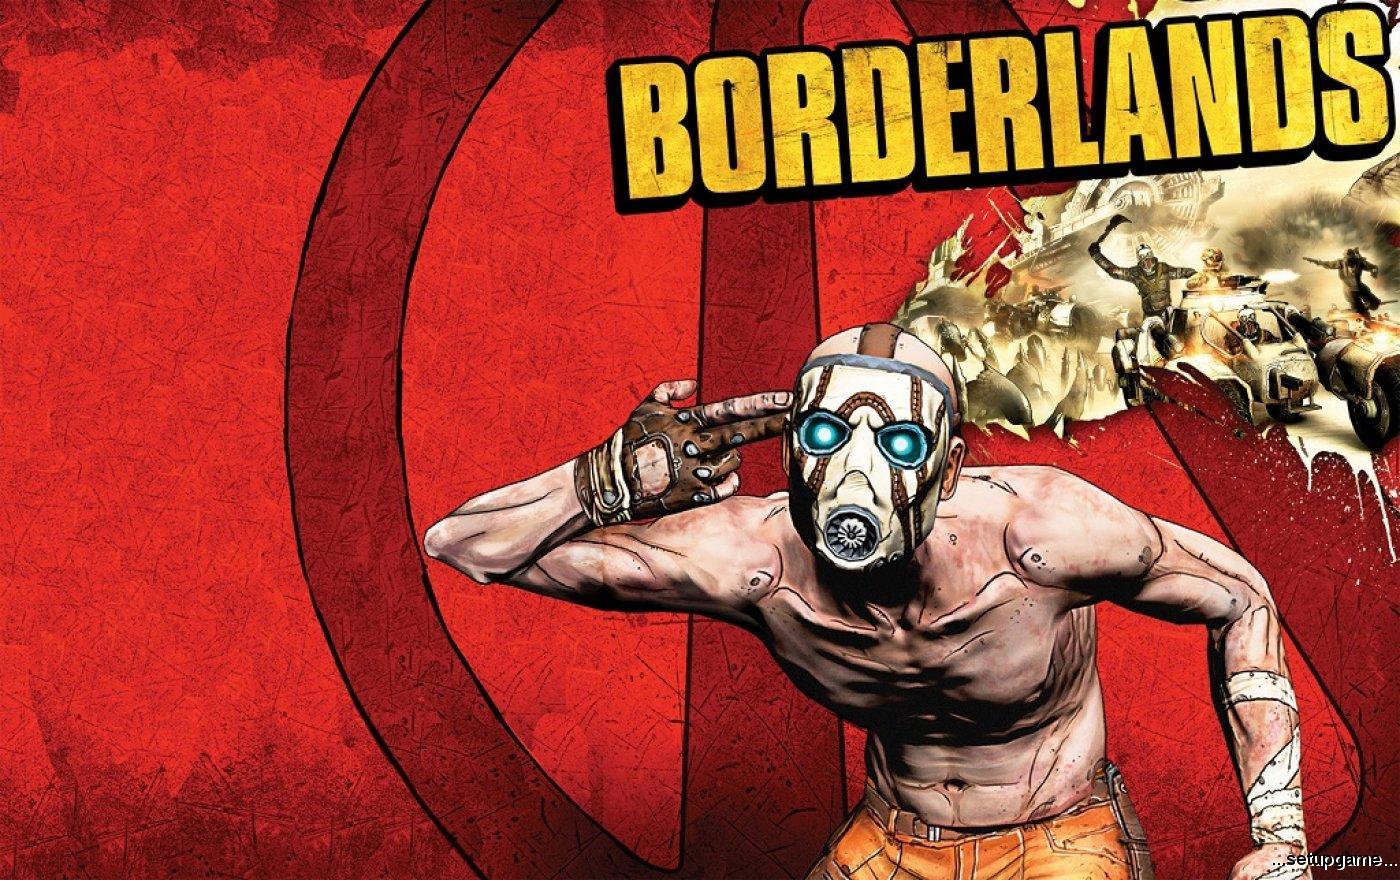 بازی Borderlands 3 در نمایشگاه E3 2018 معرفی نخواهد شد